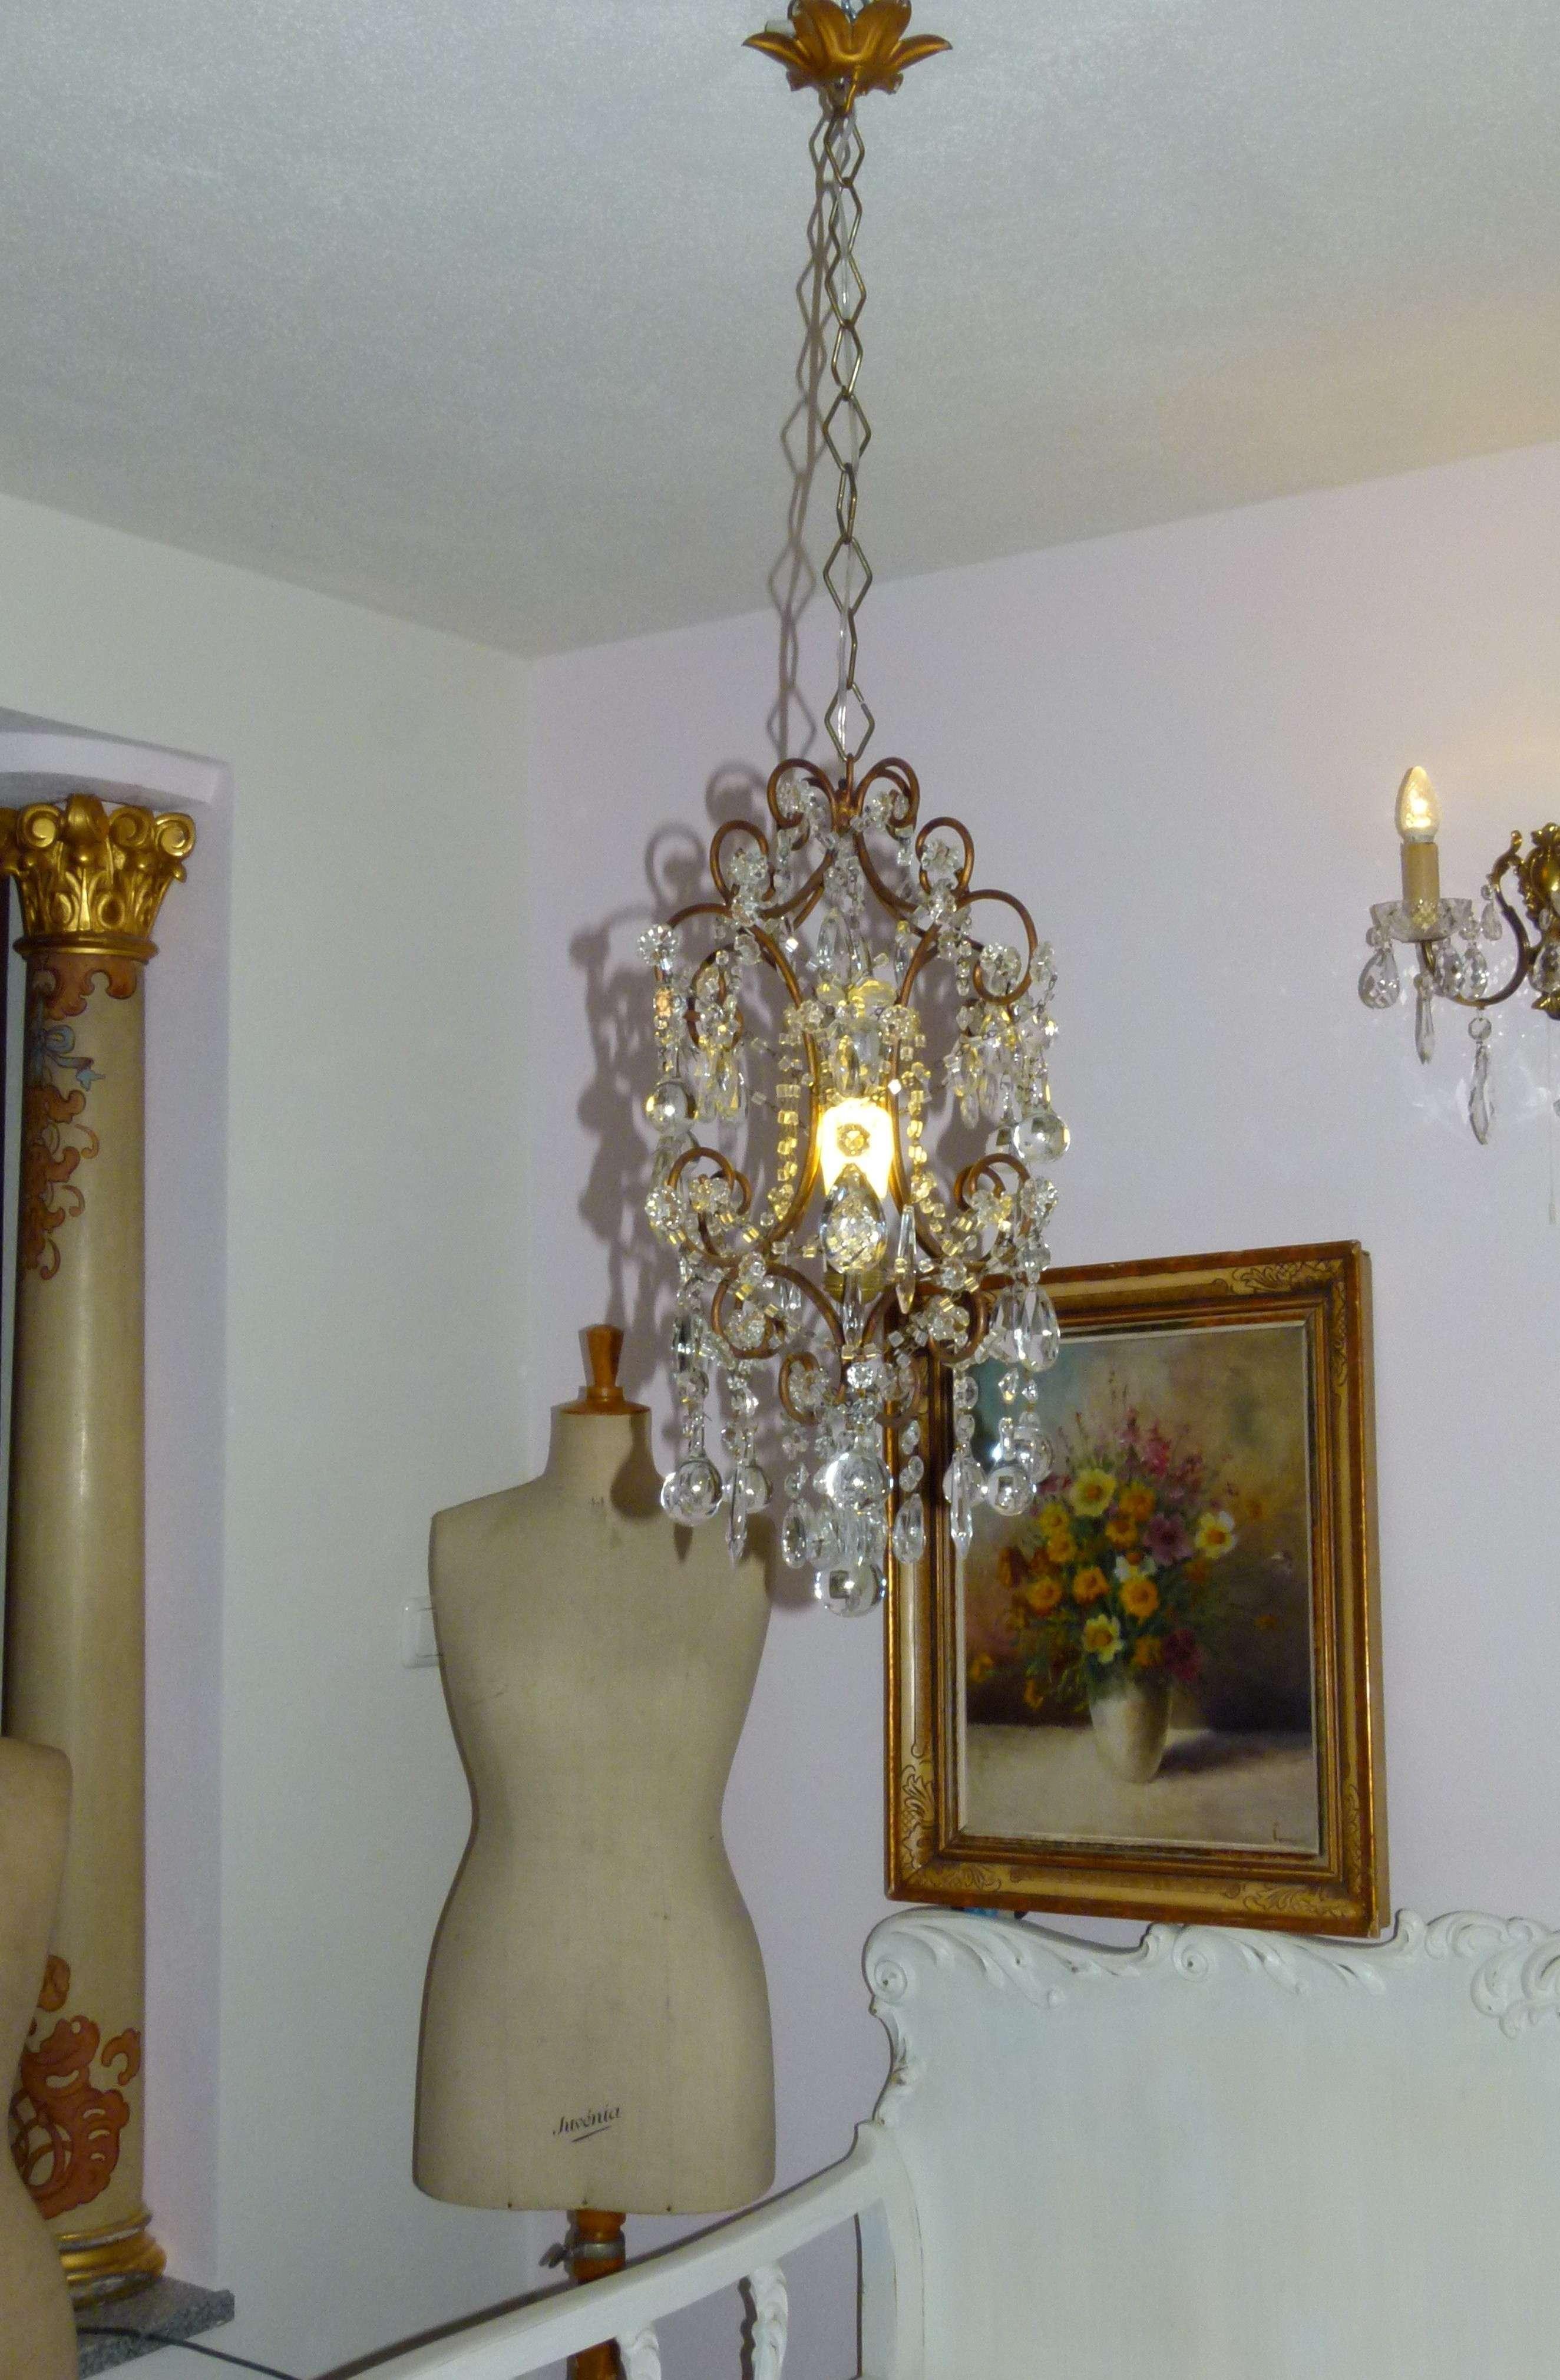 bezaubernder zierlicher alter franz sischer chandelier. Black Bedroom Furniture Sets. Home Design Ideas